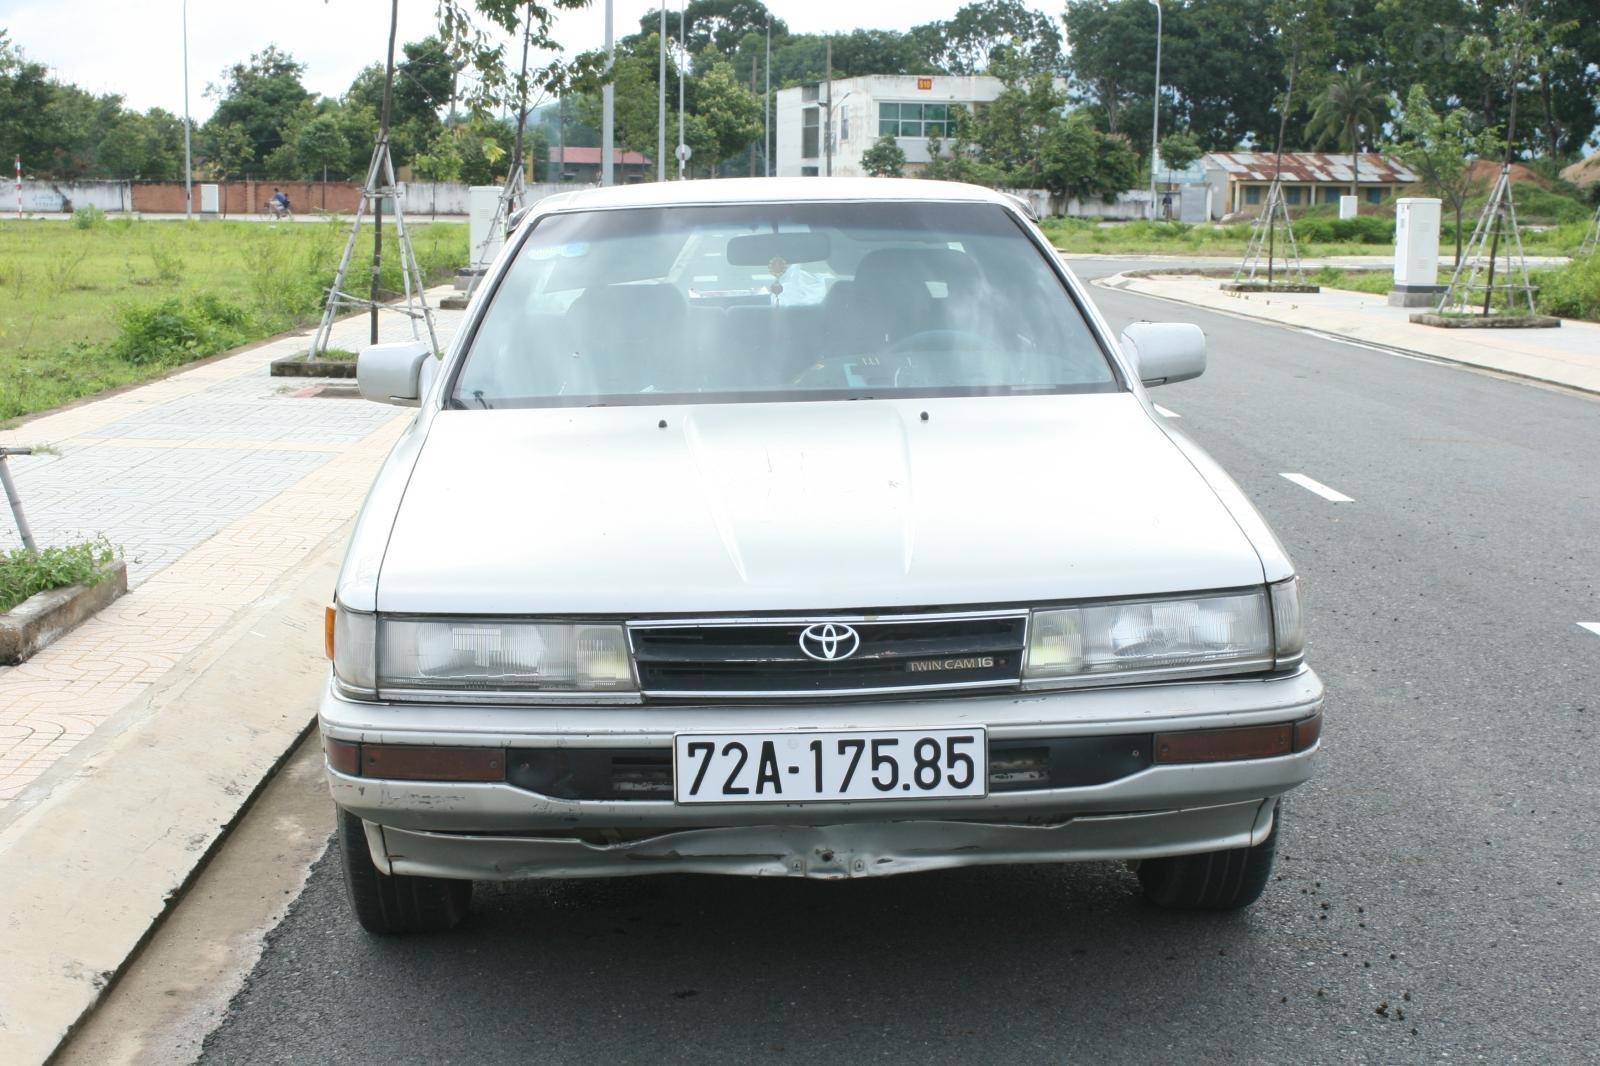 Bán ô tô Toyota Camry đời 1987, màu bạc, nhập khẩu nguyên chiếc chính chủ, giá 90tr (2)